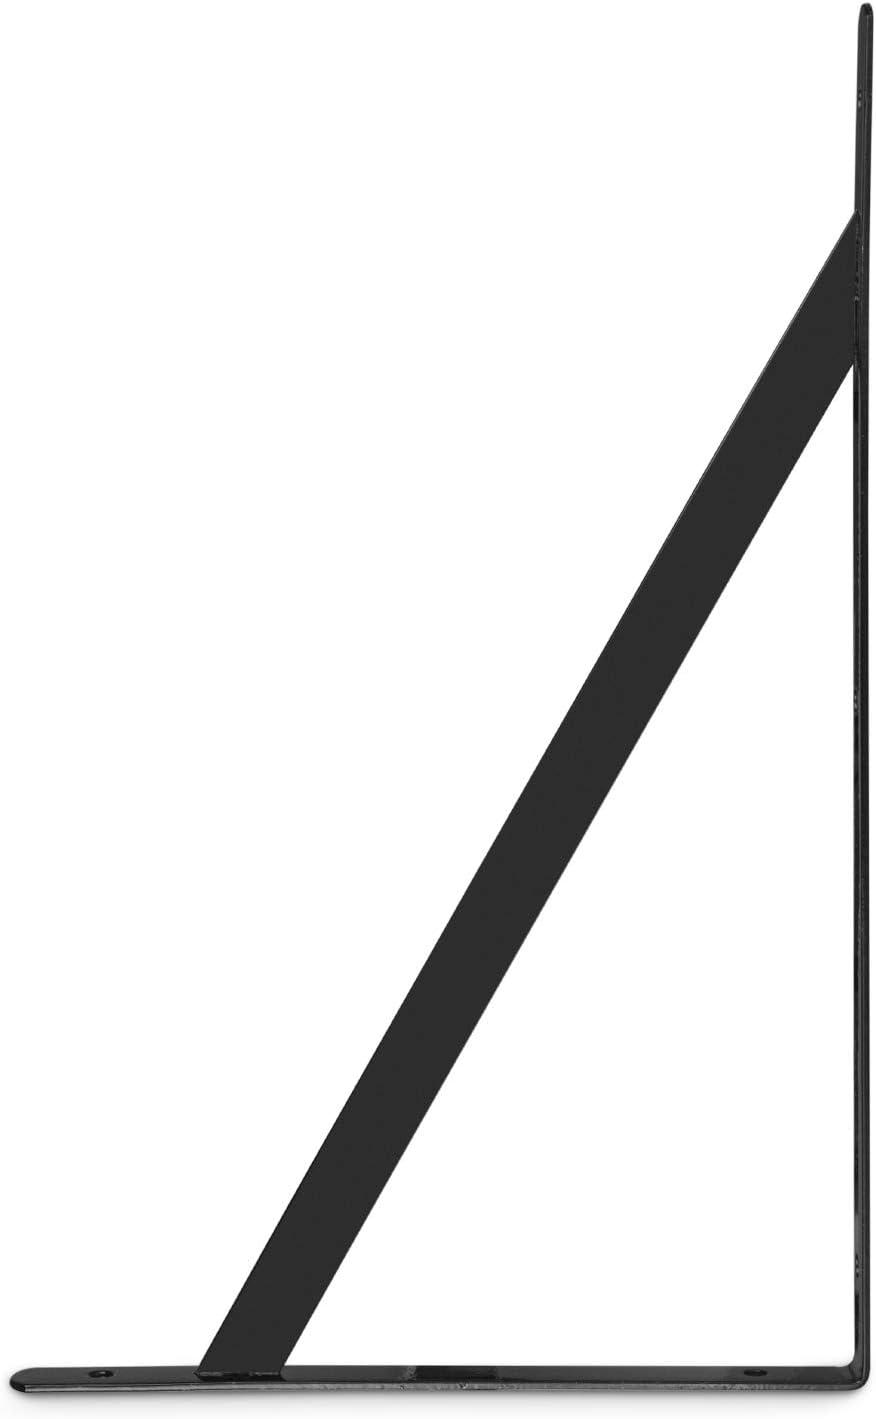 STARVAST Equerre Etagere Murale Support dangle Brace avec 20 pcs Vis et 8 pcs Ancres /Équerres /Étag/ères 200mm x 120mm Noir 4 Pcs Supports Triangulaires de 90 Degr/és en Acier